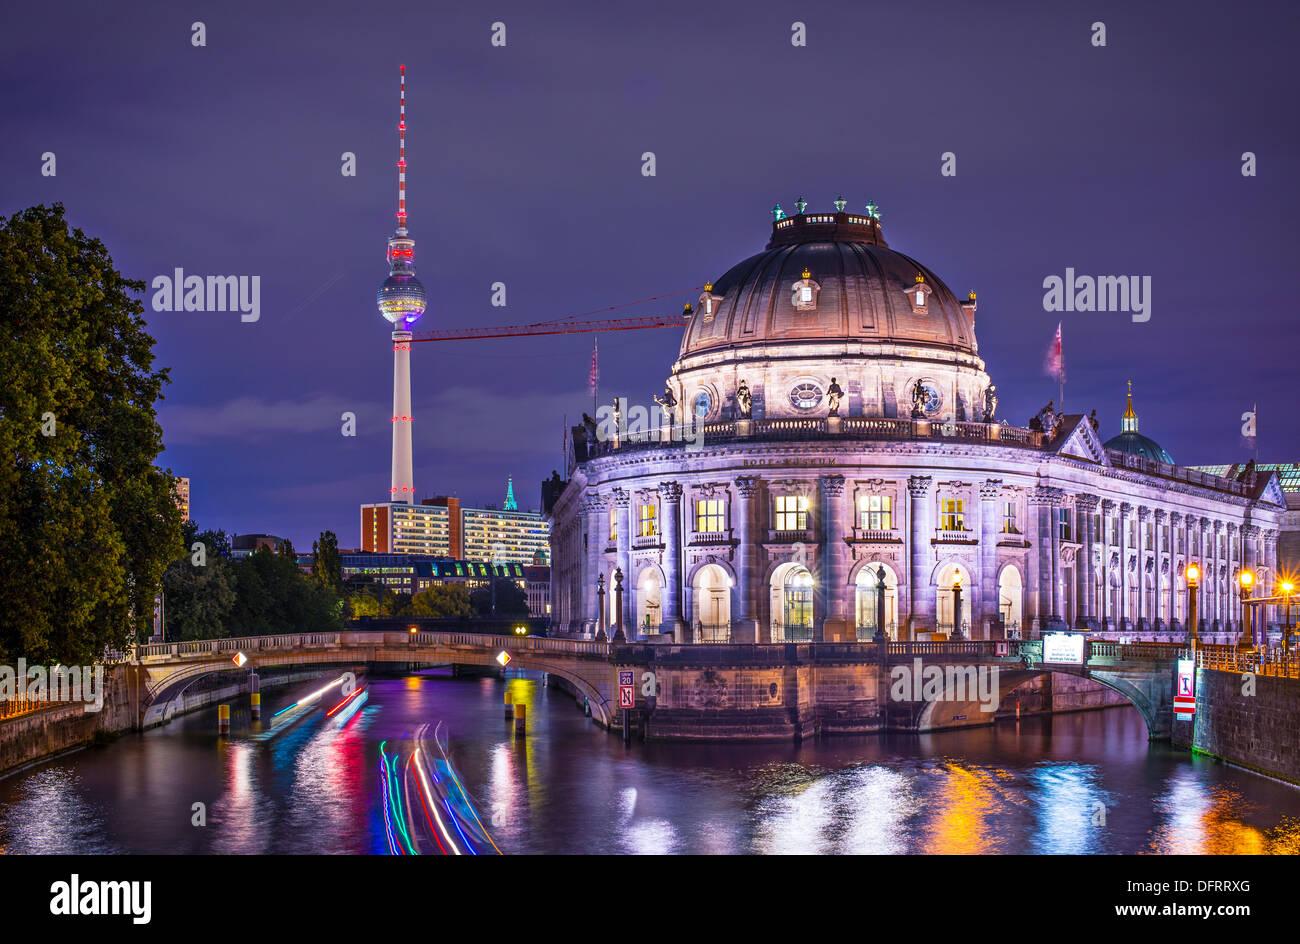 L'île des musées et la tour de télévision de Berlin, Allemagne. Photo Stock